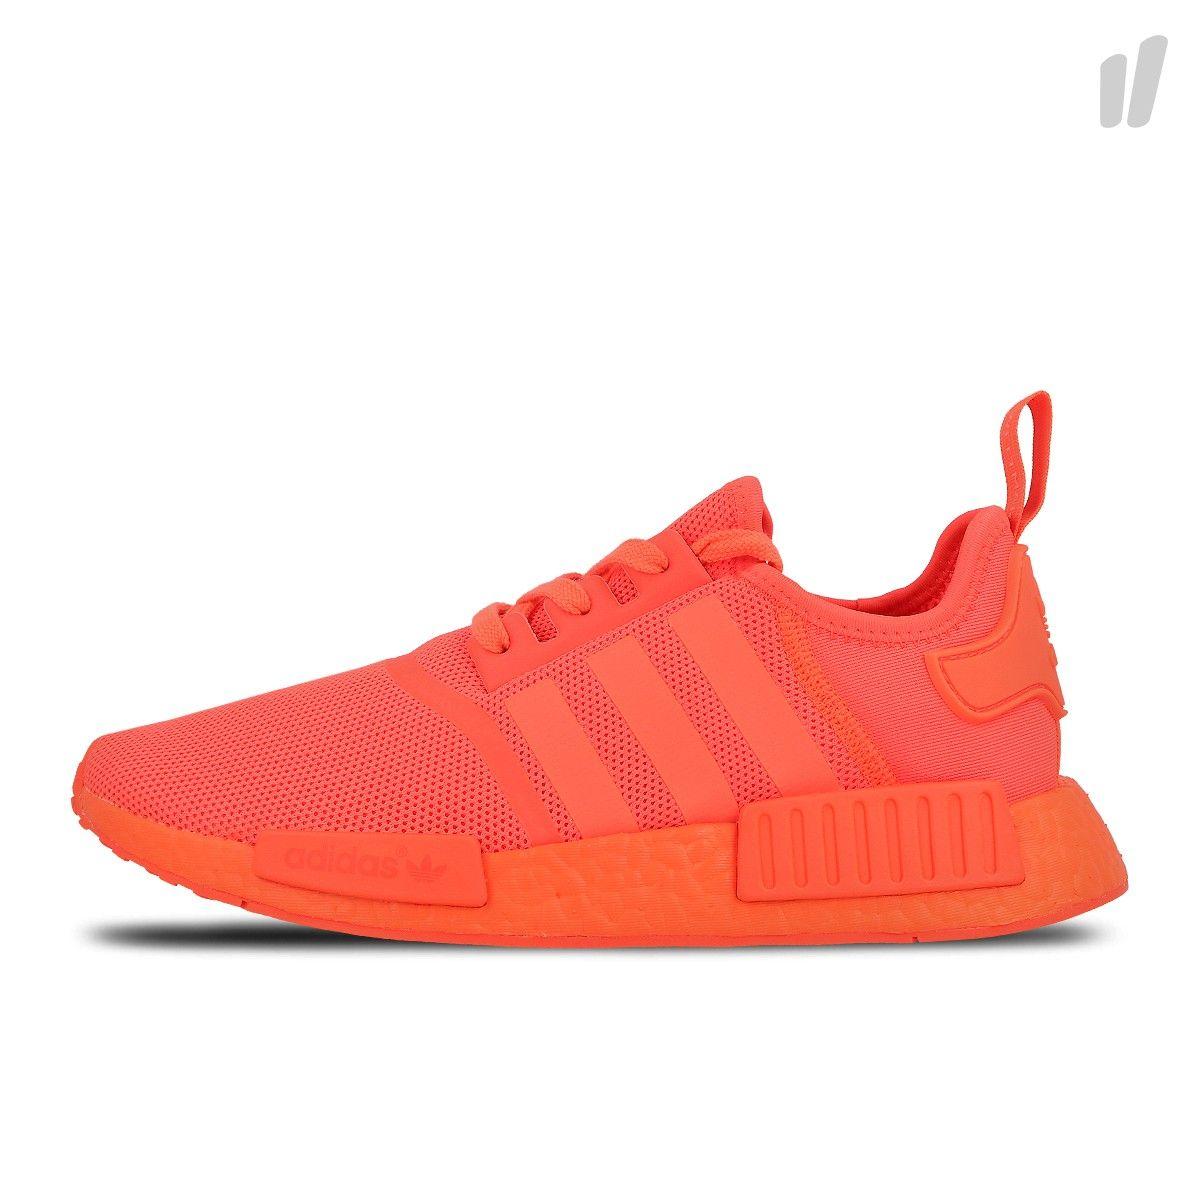 rifornire] adidas tripple solare a saldi scarpe nike nmd rosso